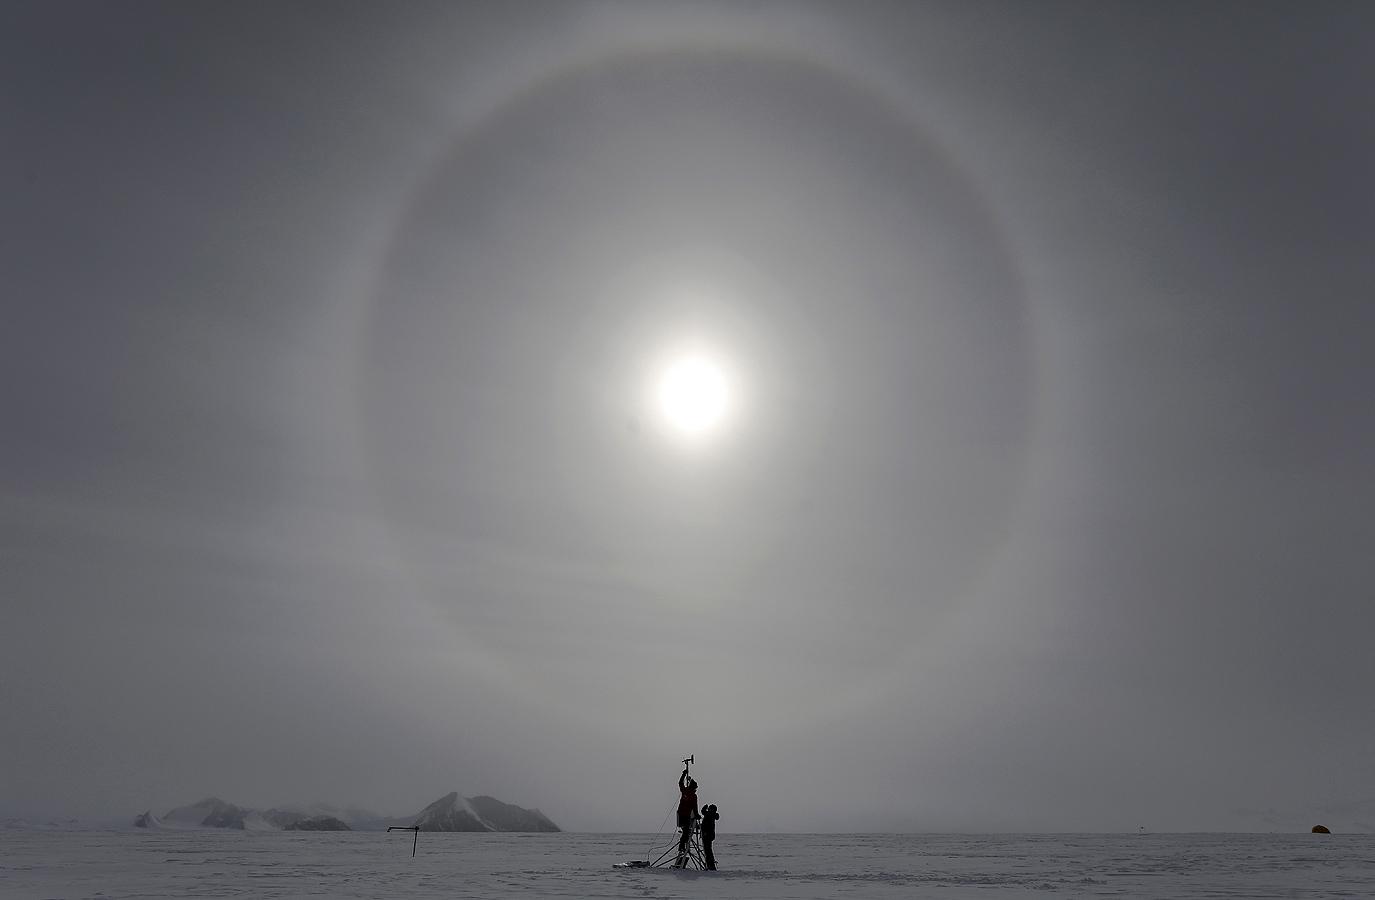 Група от осем учени избрани да започнат специална експедиция до Антарктида, провеждат експерименти с цел да открият повече за огромния южен континент